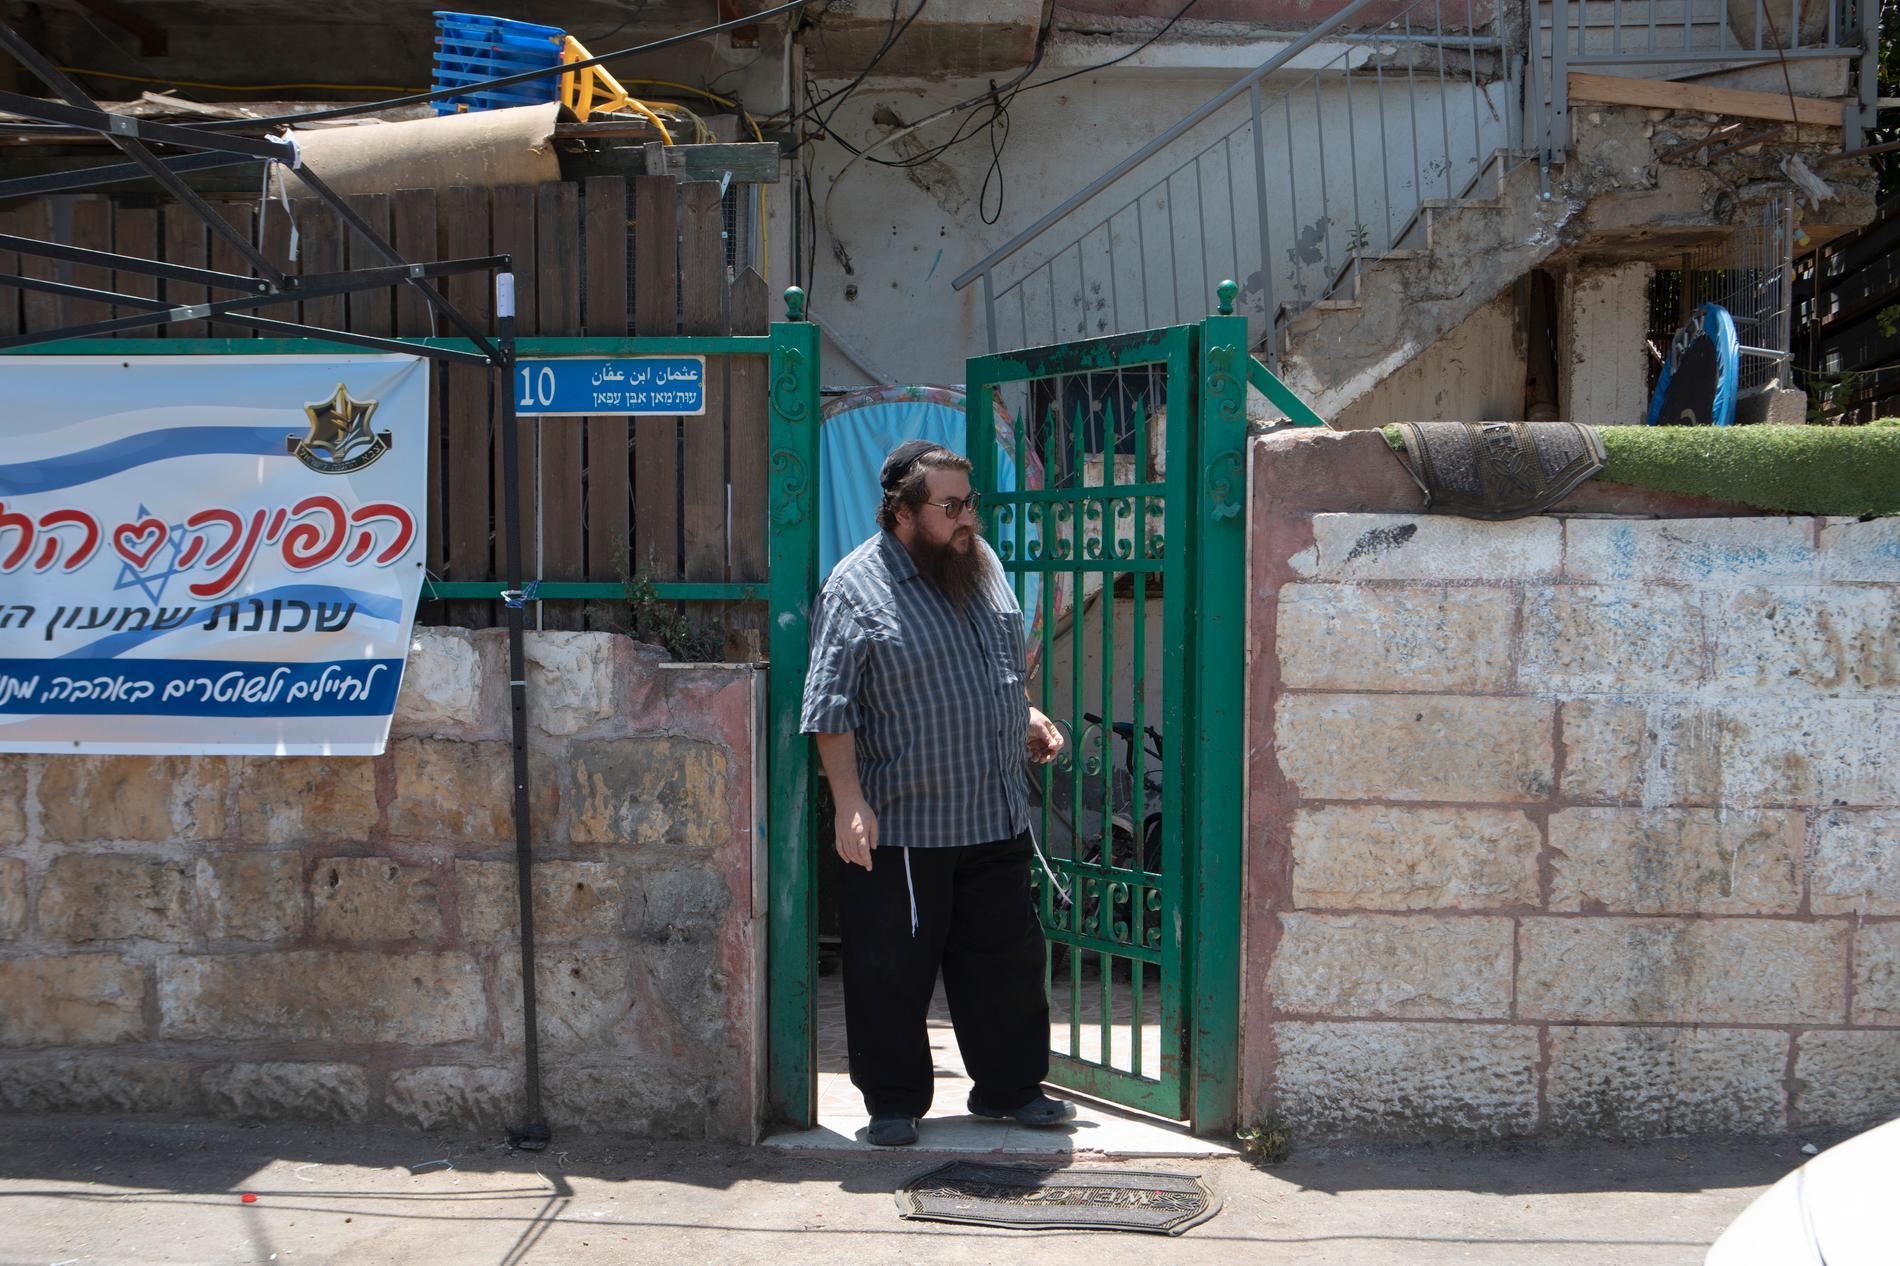 Jakob Fauci säger att han har bosatt sig i området av religiösa och politiska skäl. Att det är en symboliskt viktig plats även för judar.